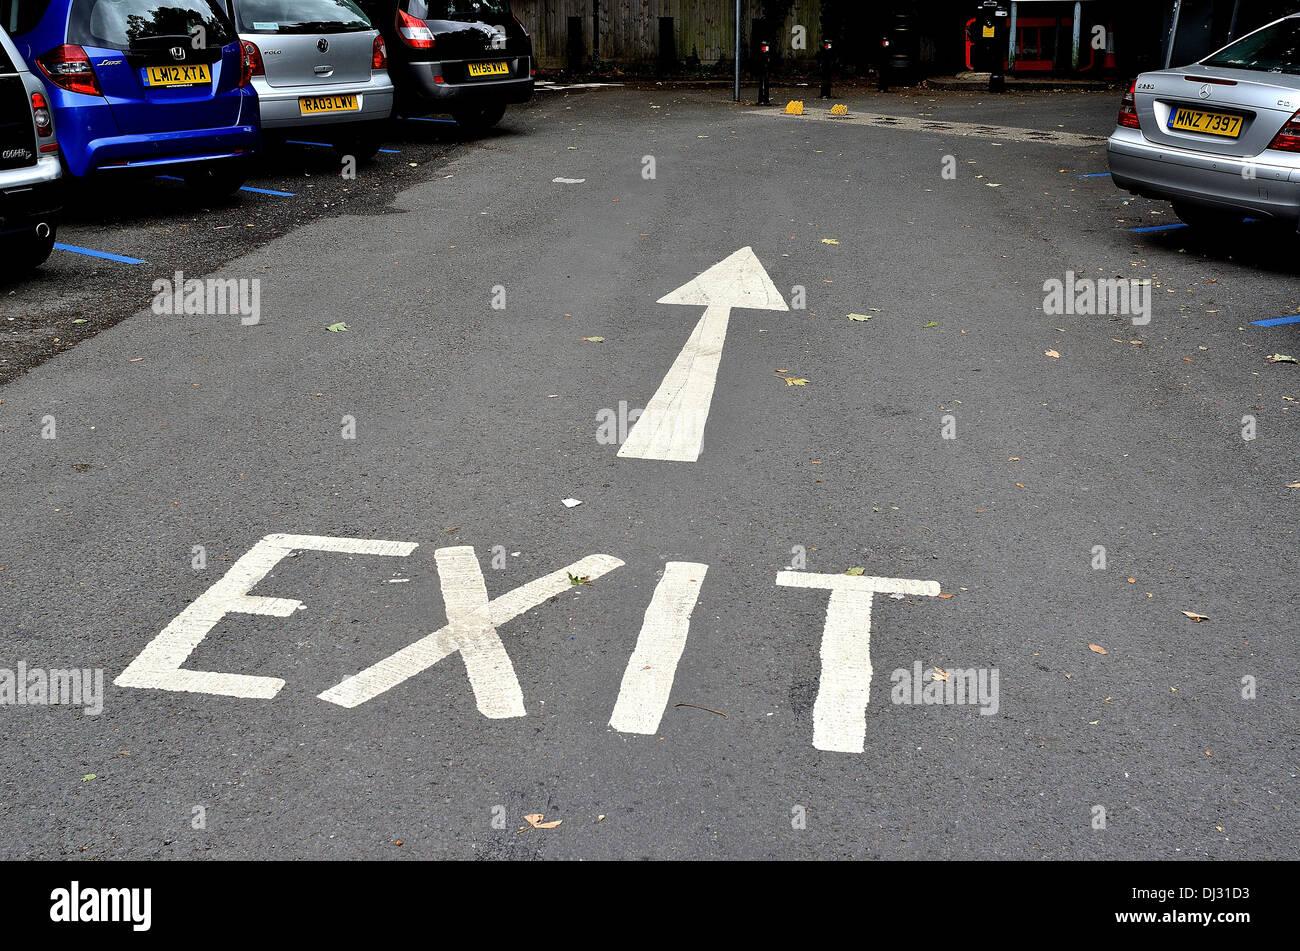 Señal de salida y la flecha pintada sobre car park road Foto de stock